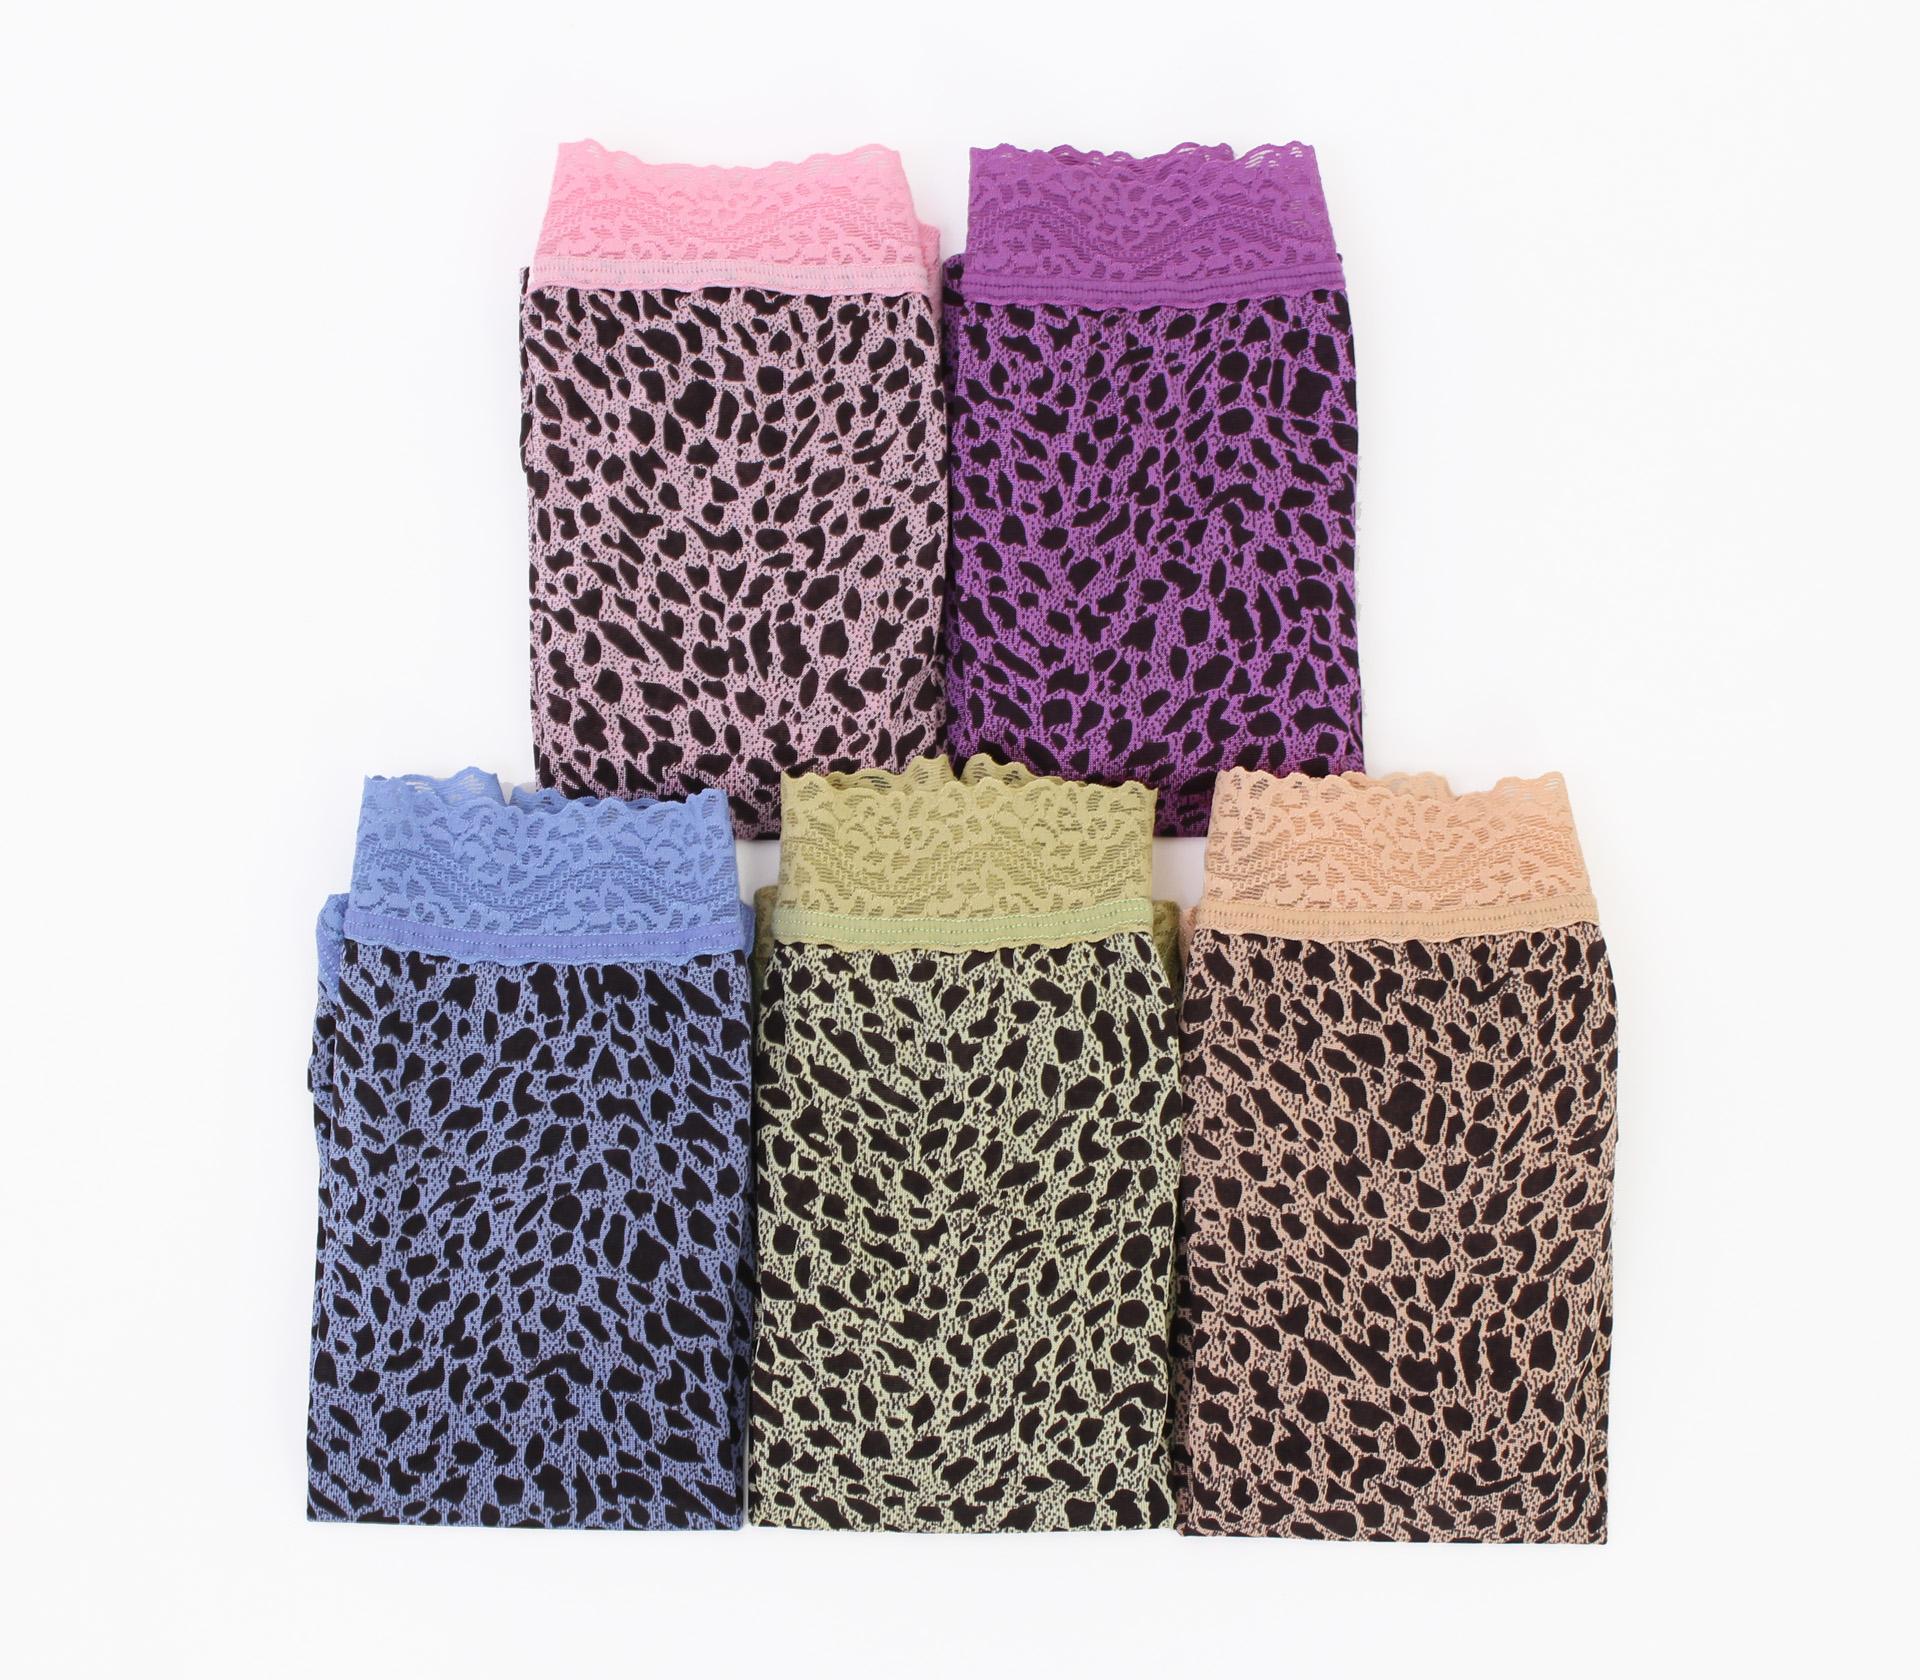 闕蘭絹絕美小豹紋100%蠶絲內褲-824(五件組)